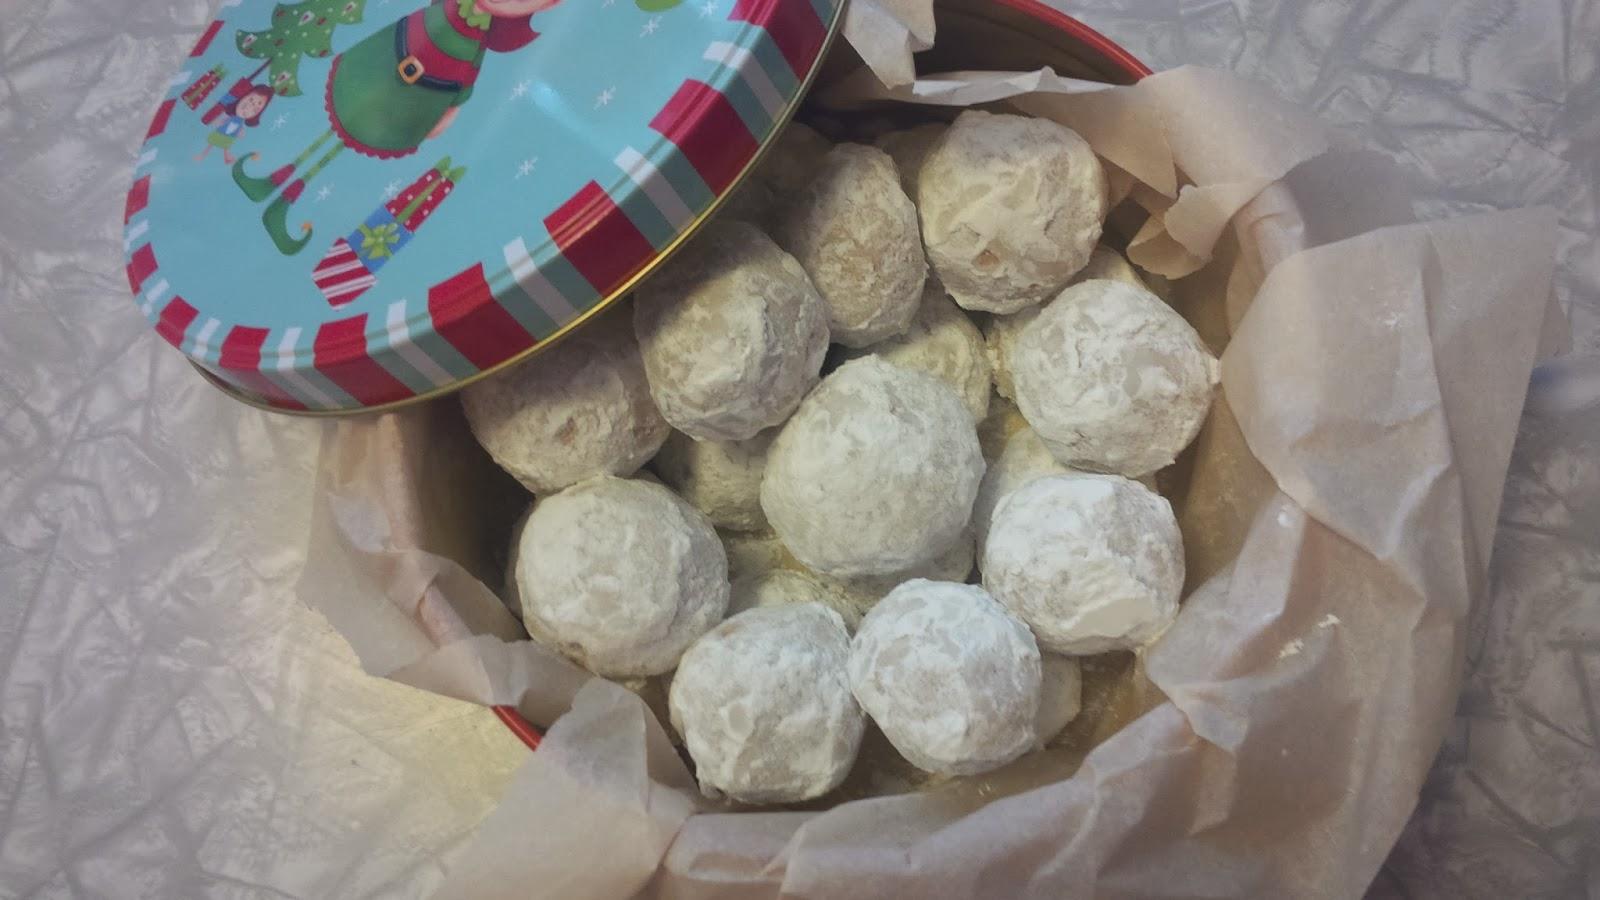 ... Hippie Homestead: Foodie Friday: Gluten-Free Vegan Almond Snowballs